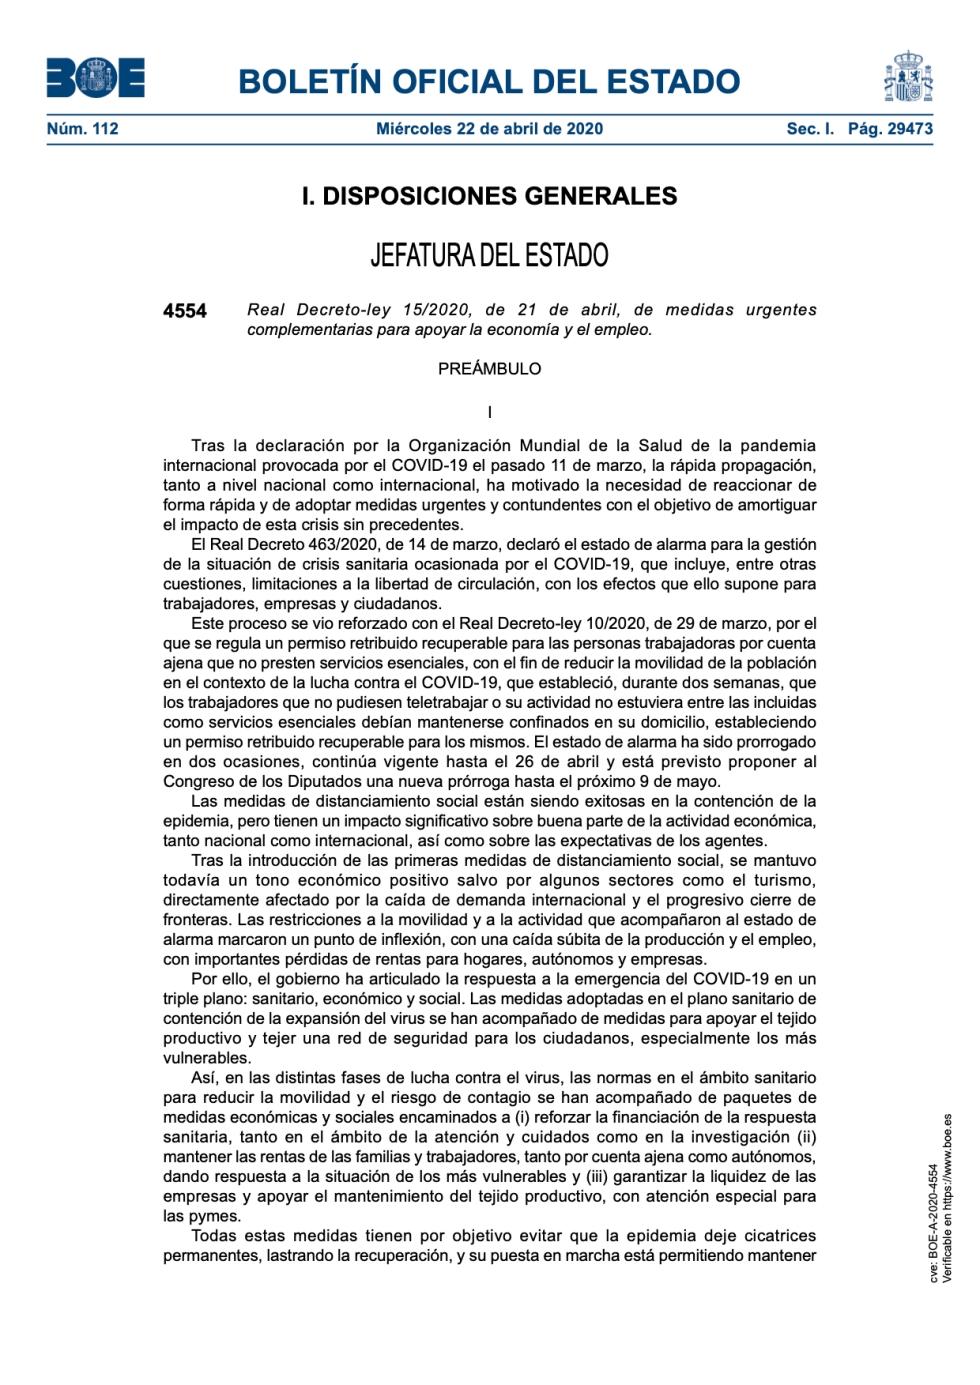 Real Decreto-ley 15/2020, de 21 de abril, de medidas urgentes complementarias para apoyar la economía y el empleo.